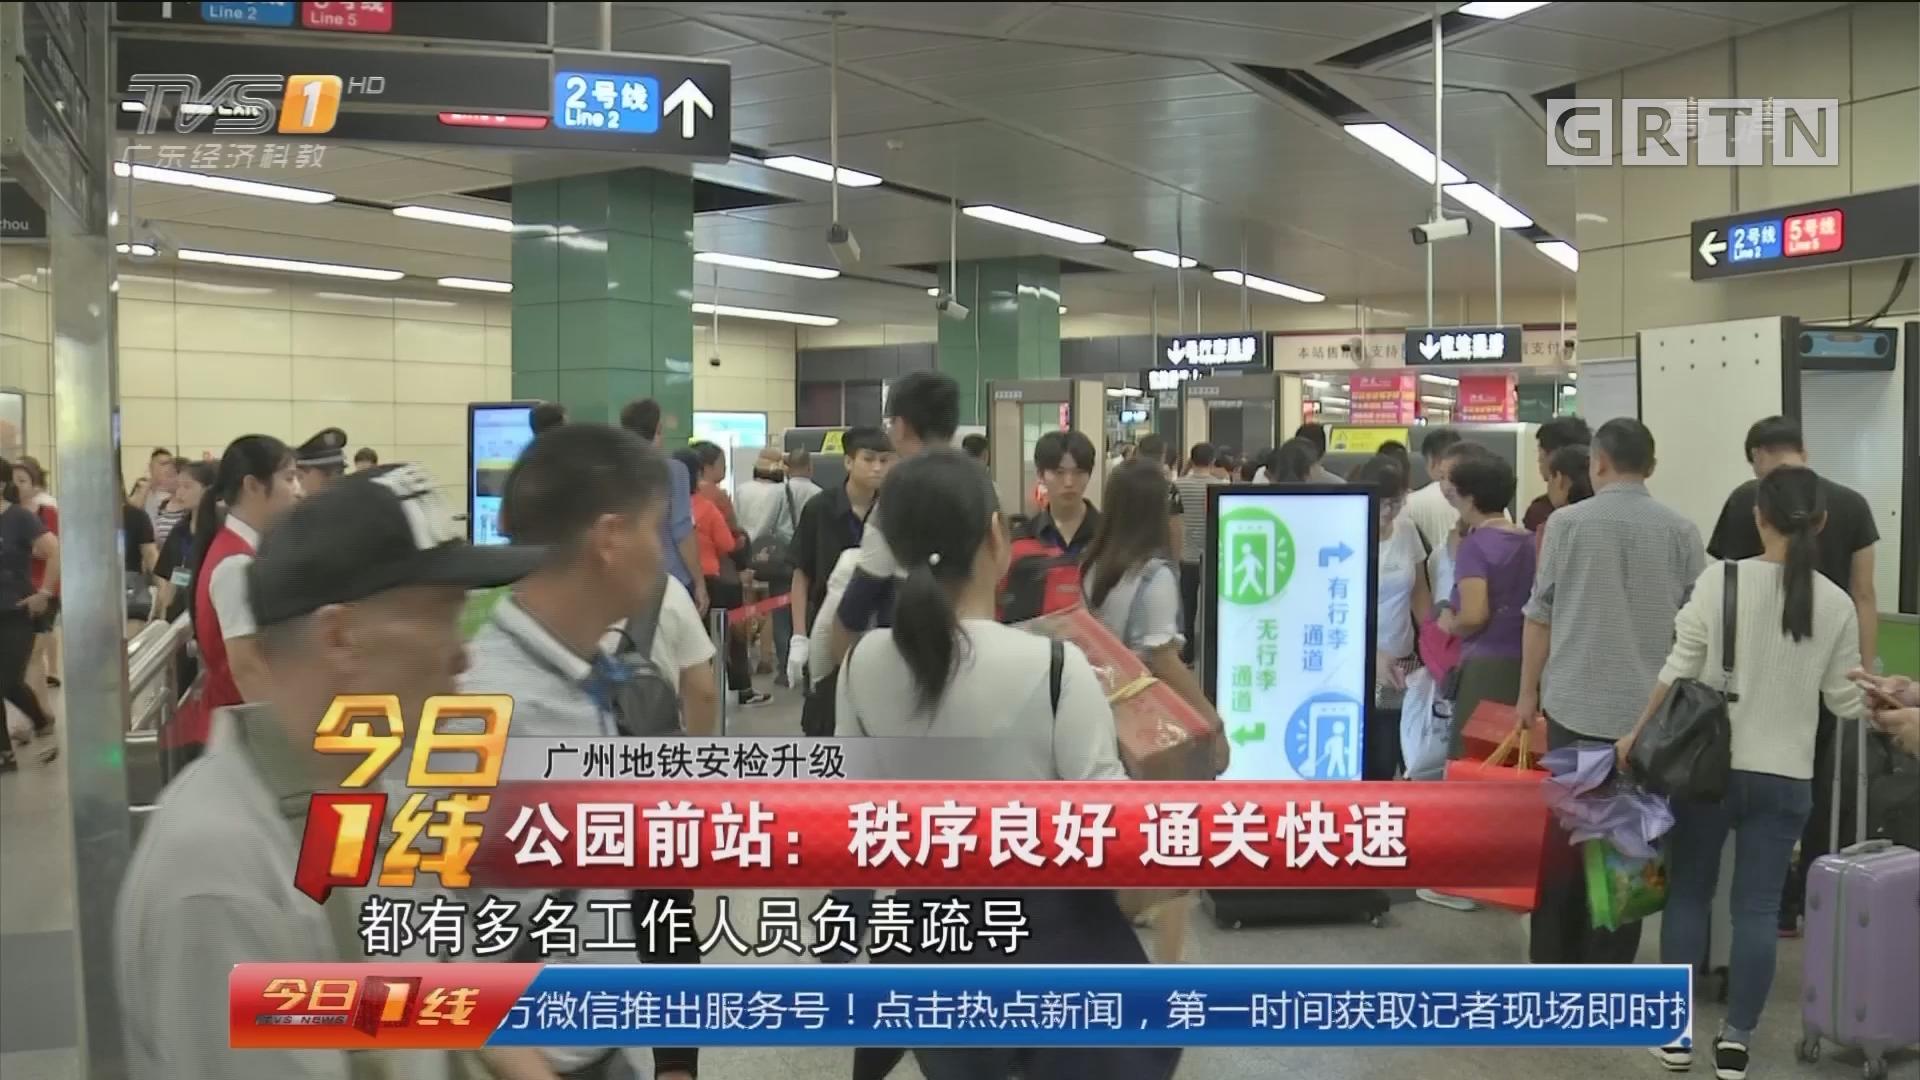 广州地铁安检升级 公园前站:秩序良好 通关快速